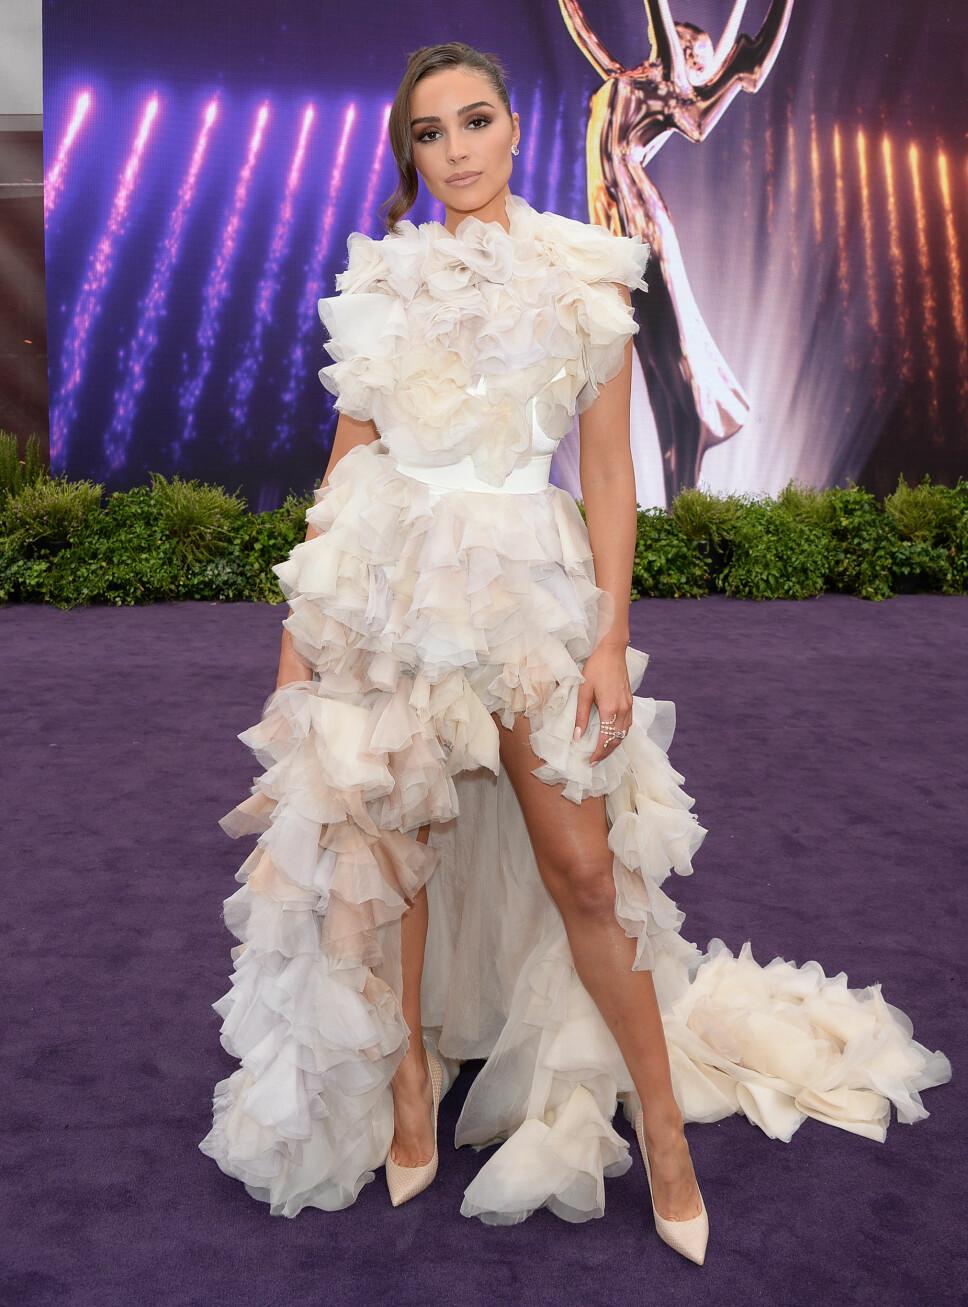 VOLANGER: Motepersonlighet Olivia Culpo tok pusten fra mange i en drøm av en kjole med store volanger.